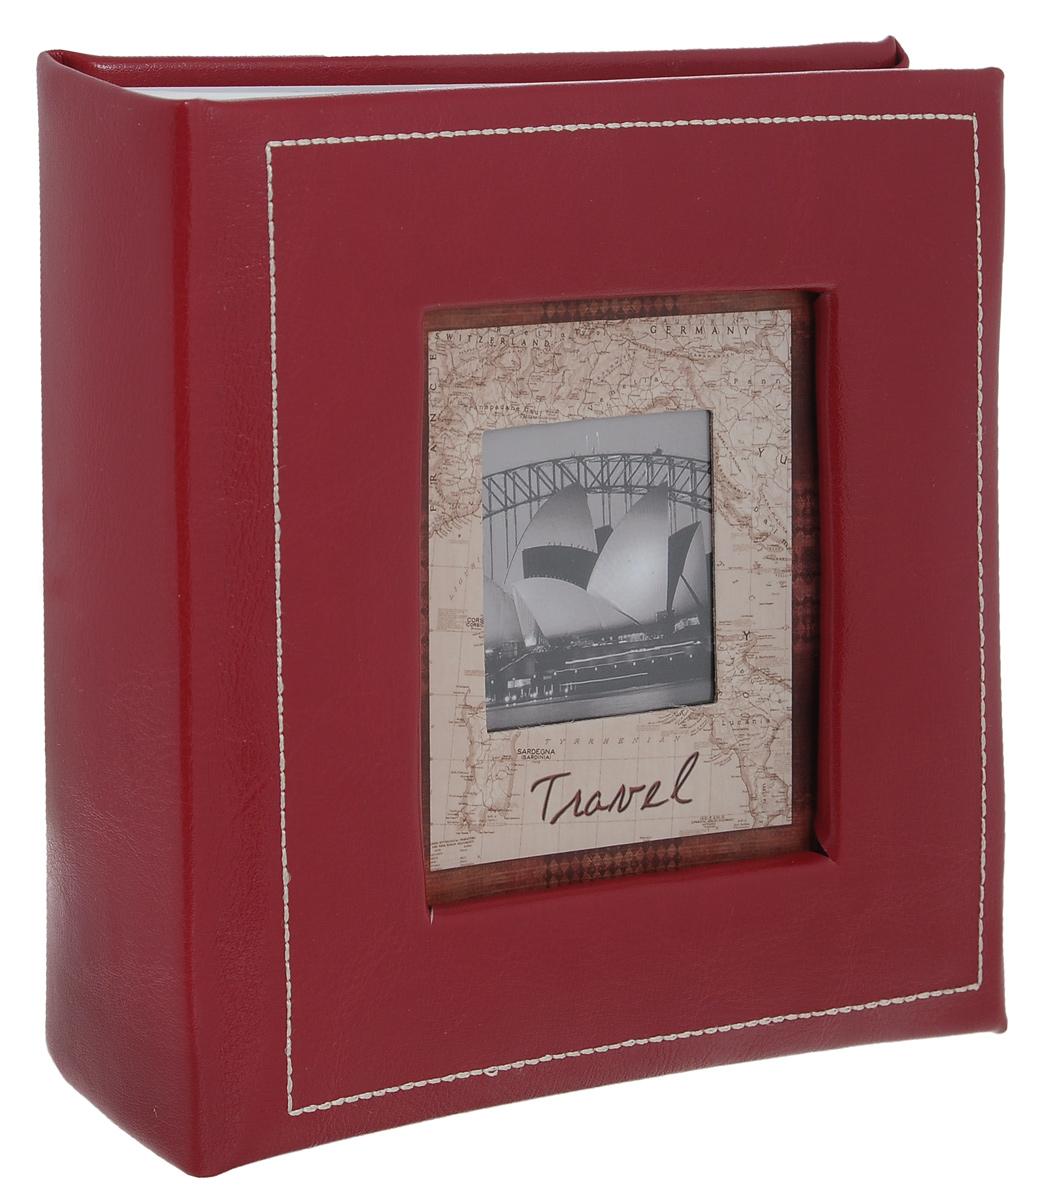 Фотоальбом Image Art Travel, цвет: бордовый, 100 фотографий, 10 x 15 см